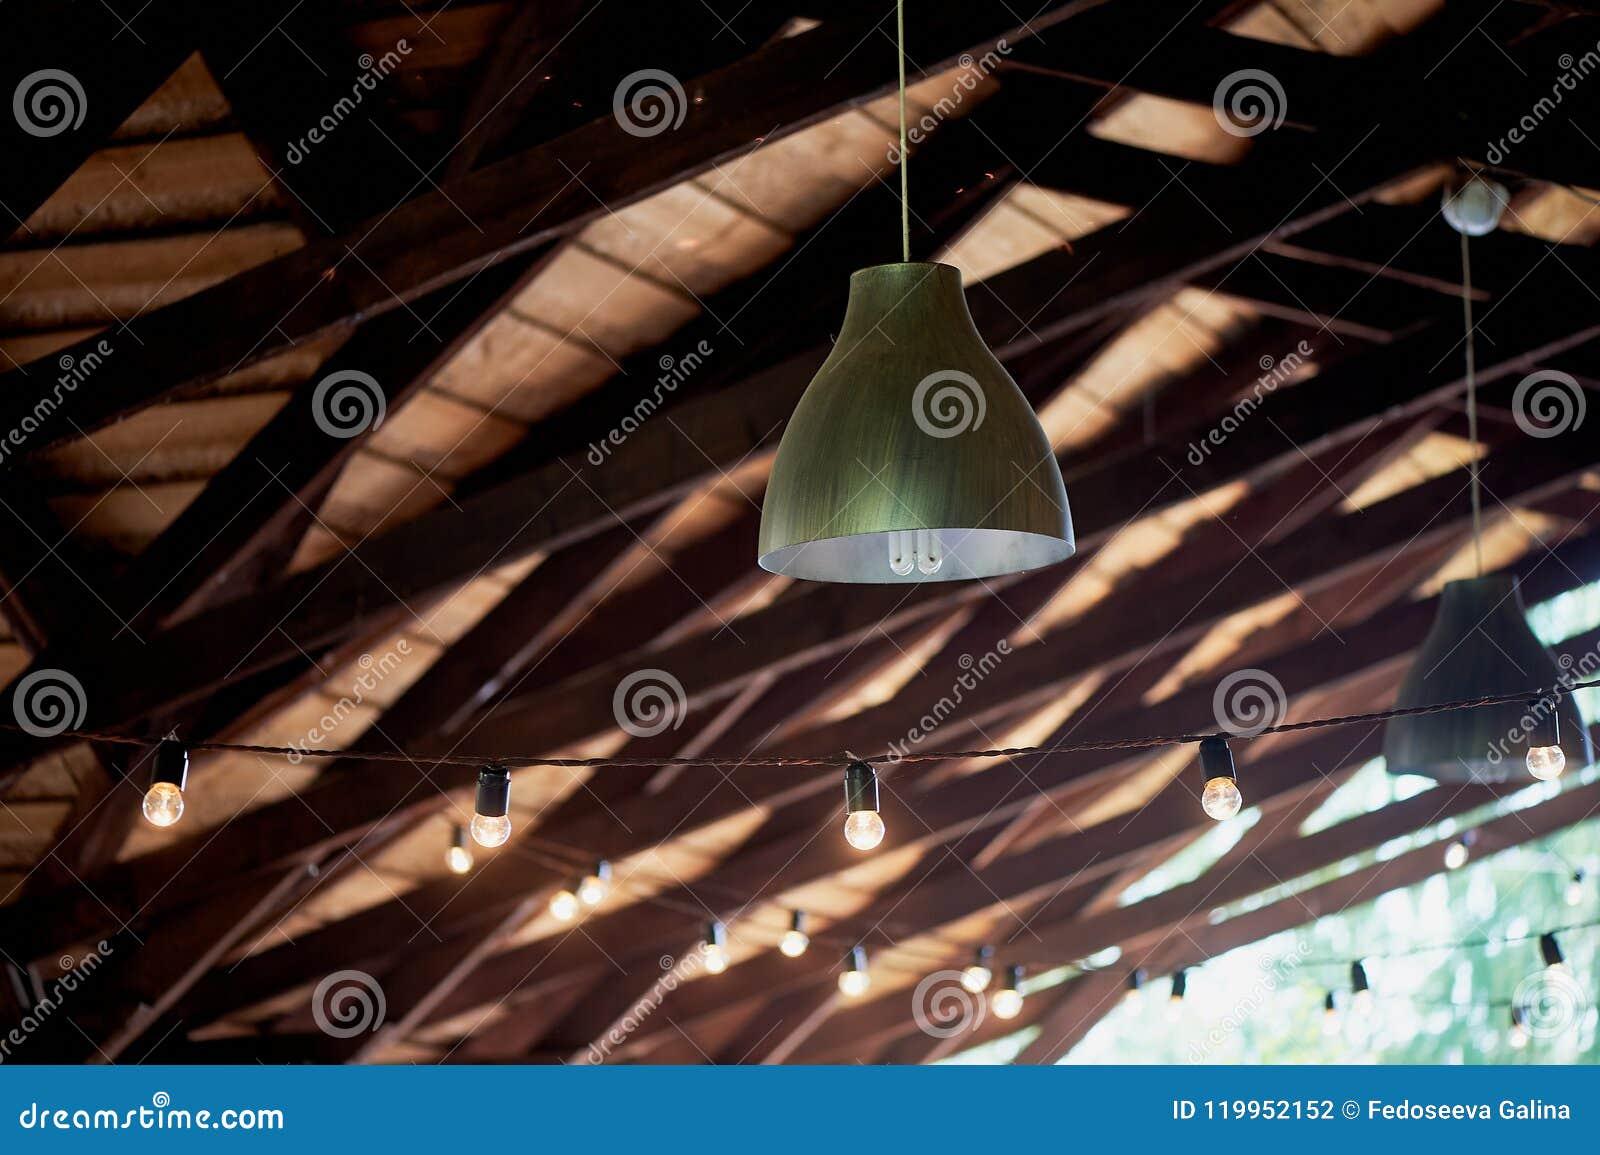 Las Lámparas Suspendieron Del Techo De Una Tienda De Madera